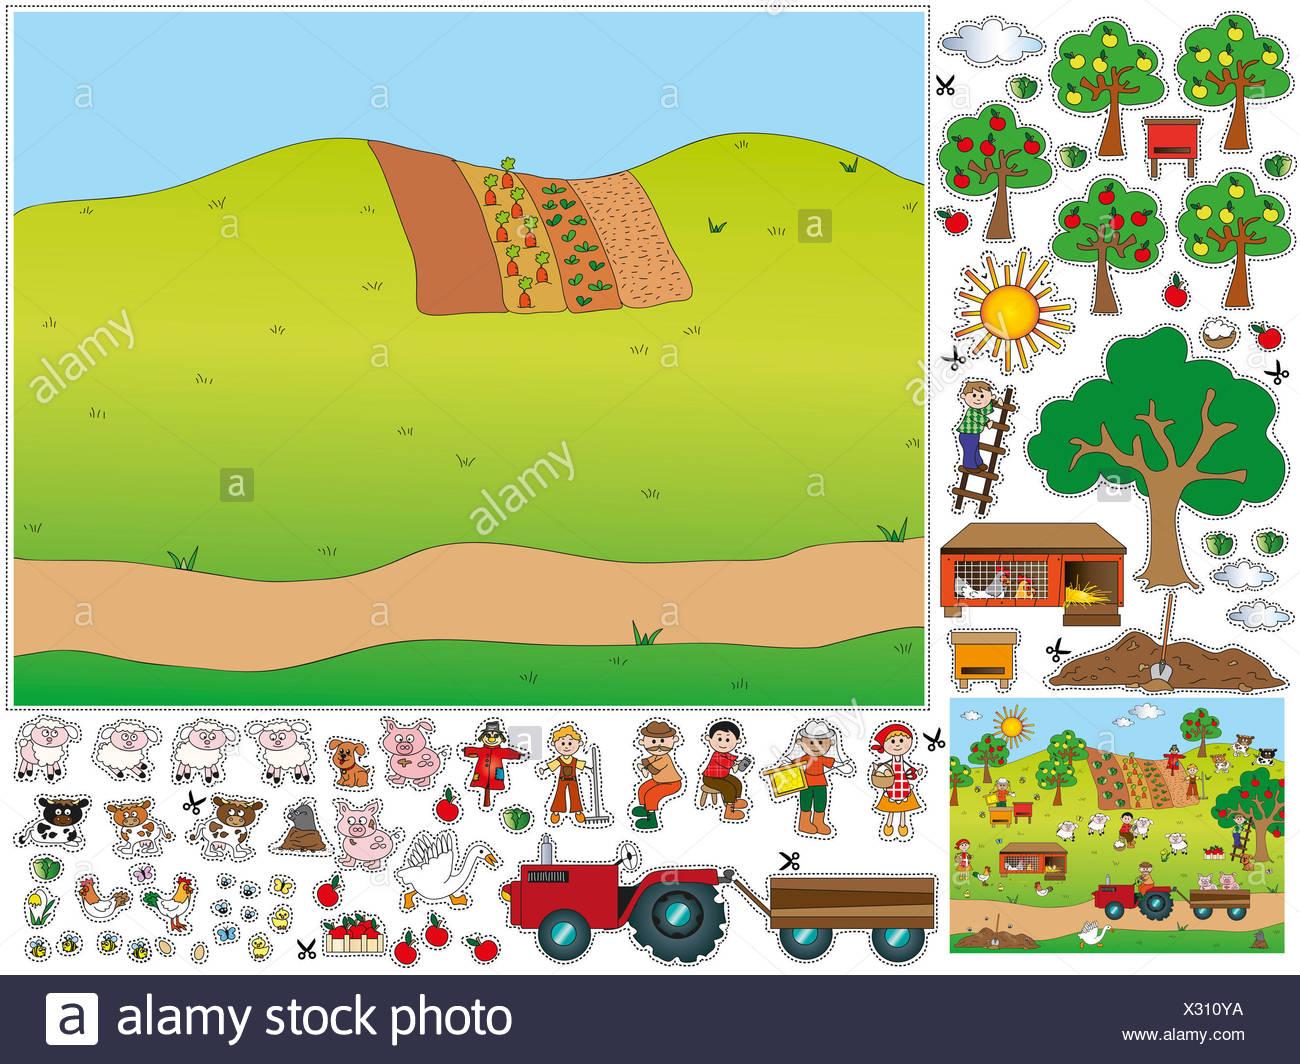 Spiel Fur Kinder Ausschneiden Und Einfugen Stockfotografie Alamy